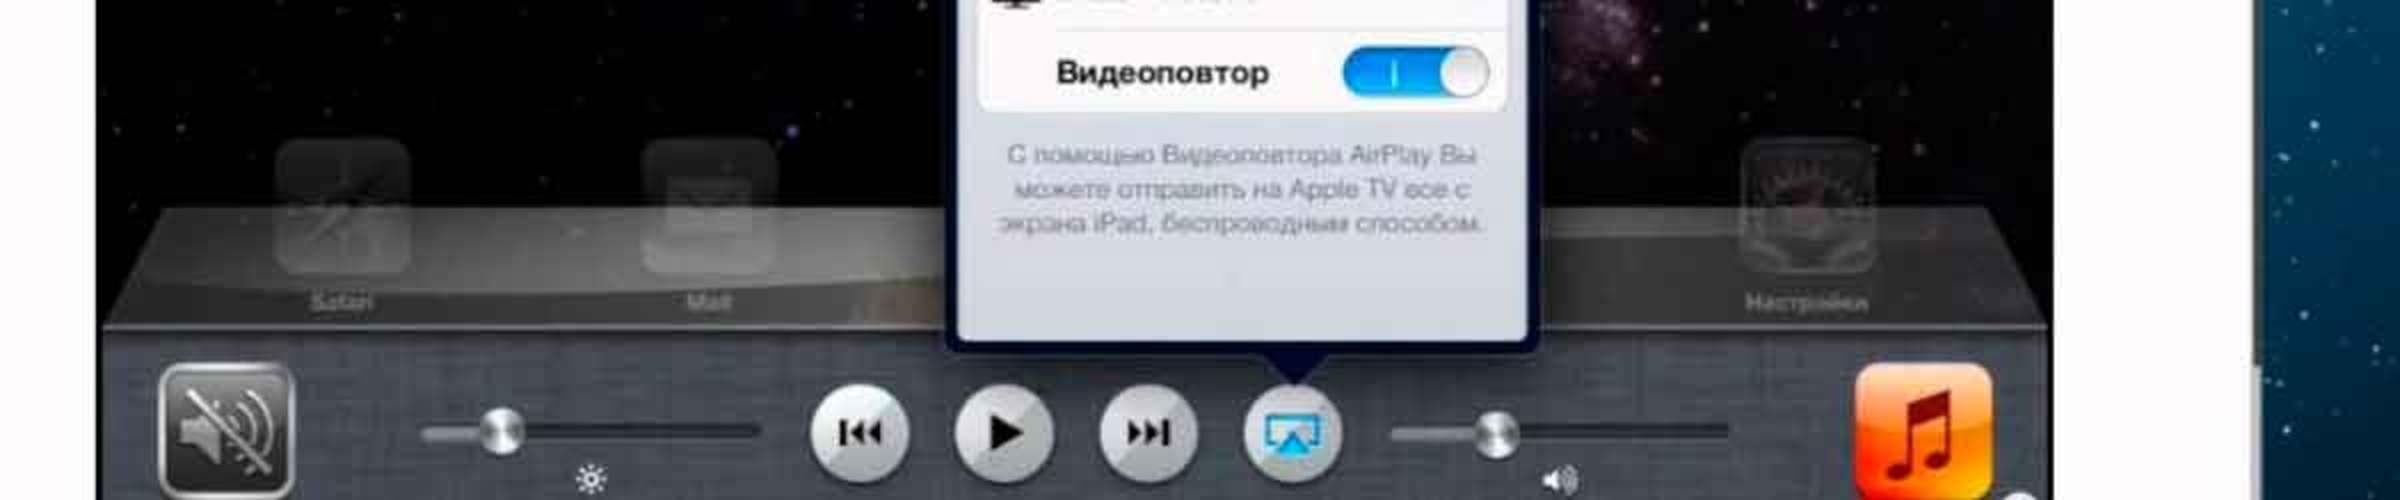 Как расшарить экран или транслировать видео с iPhone на mac?